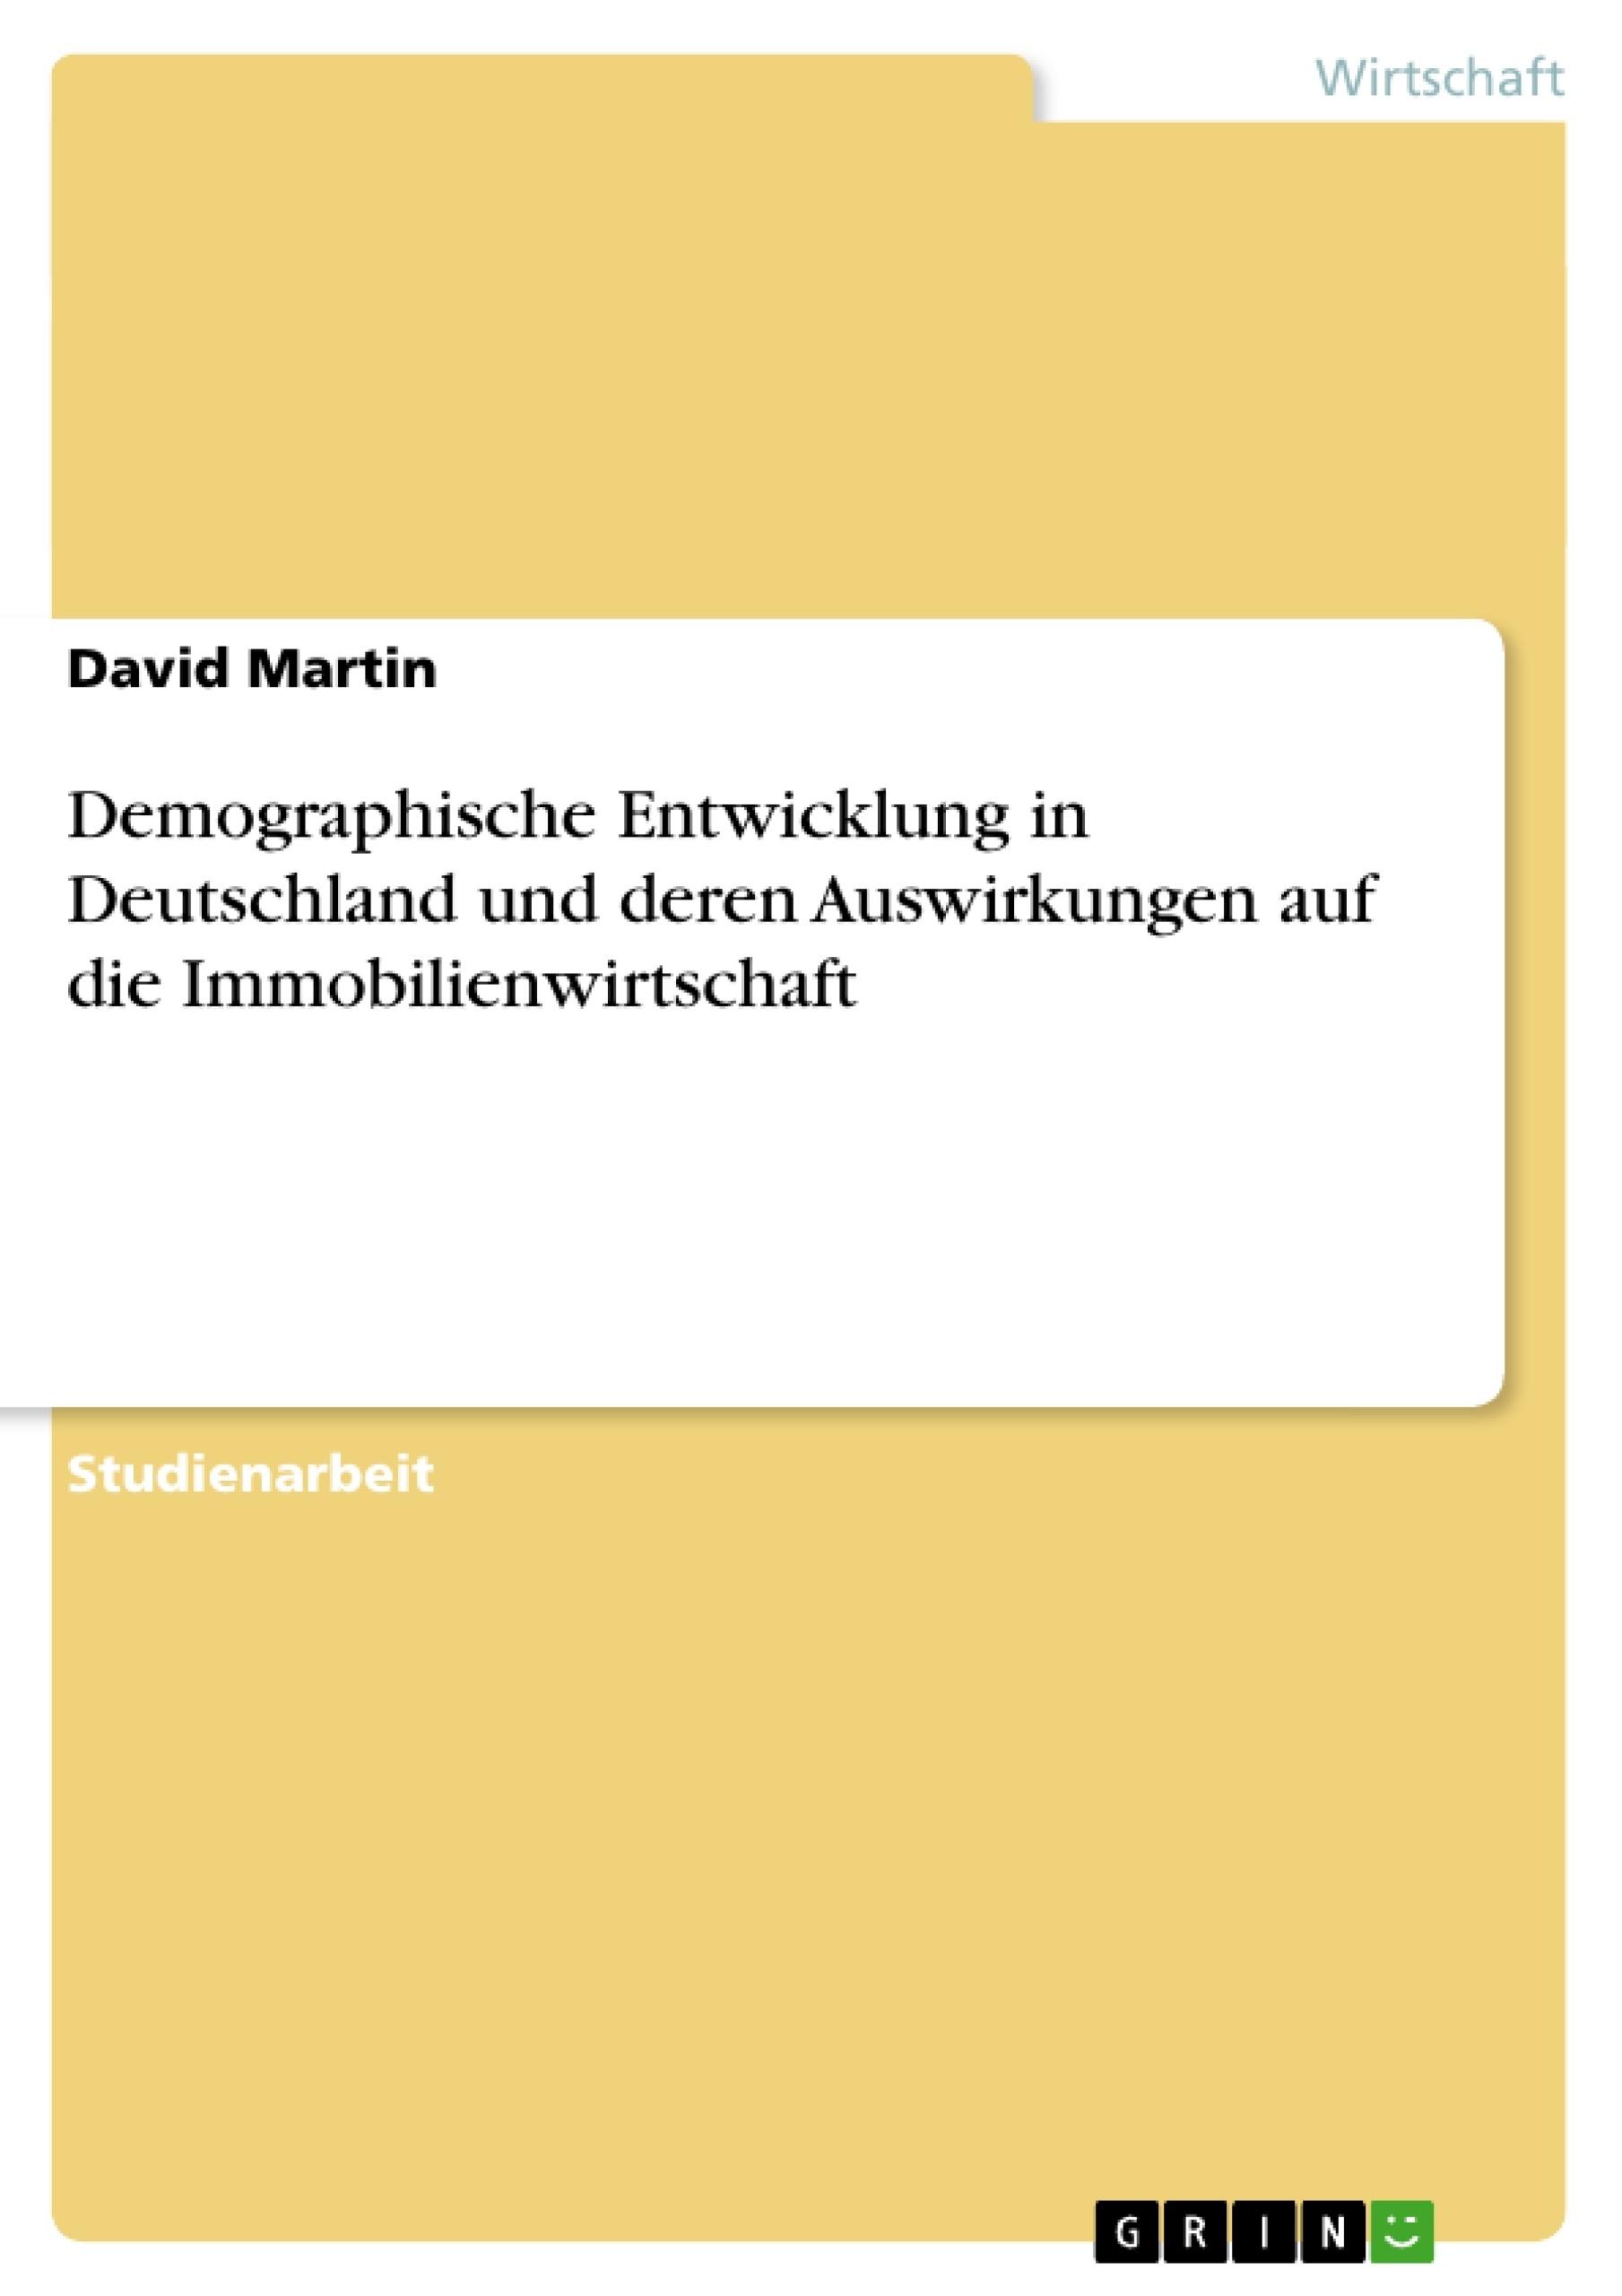 Titel: Demographische Entwicklung in Deutschland und deren Auswirkungen auf die Immobilienwirtschaft